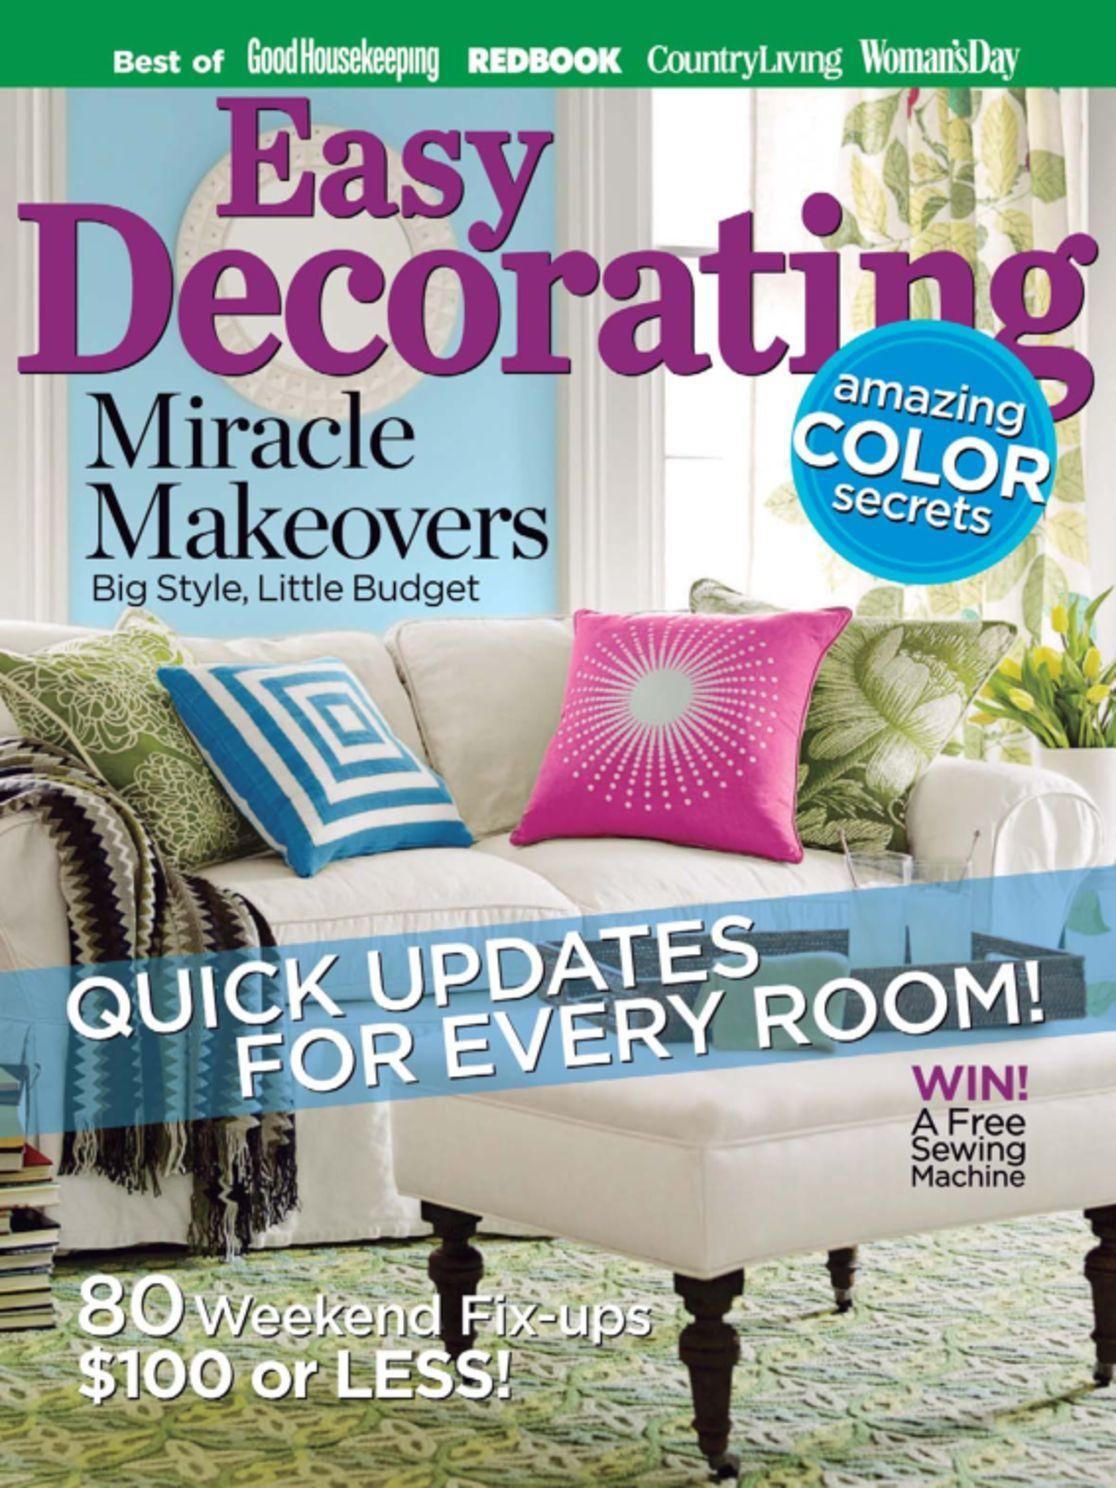 Easy Decorating Ideas Magazine (Digital) - DiscountMags.com